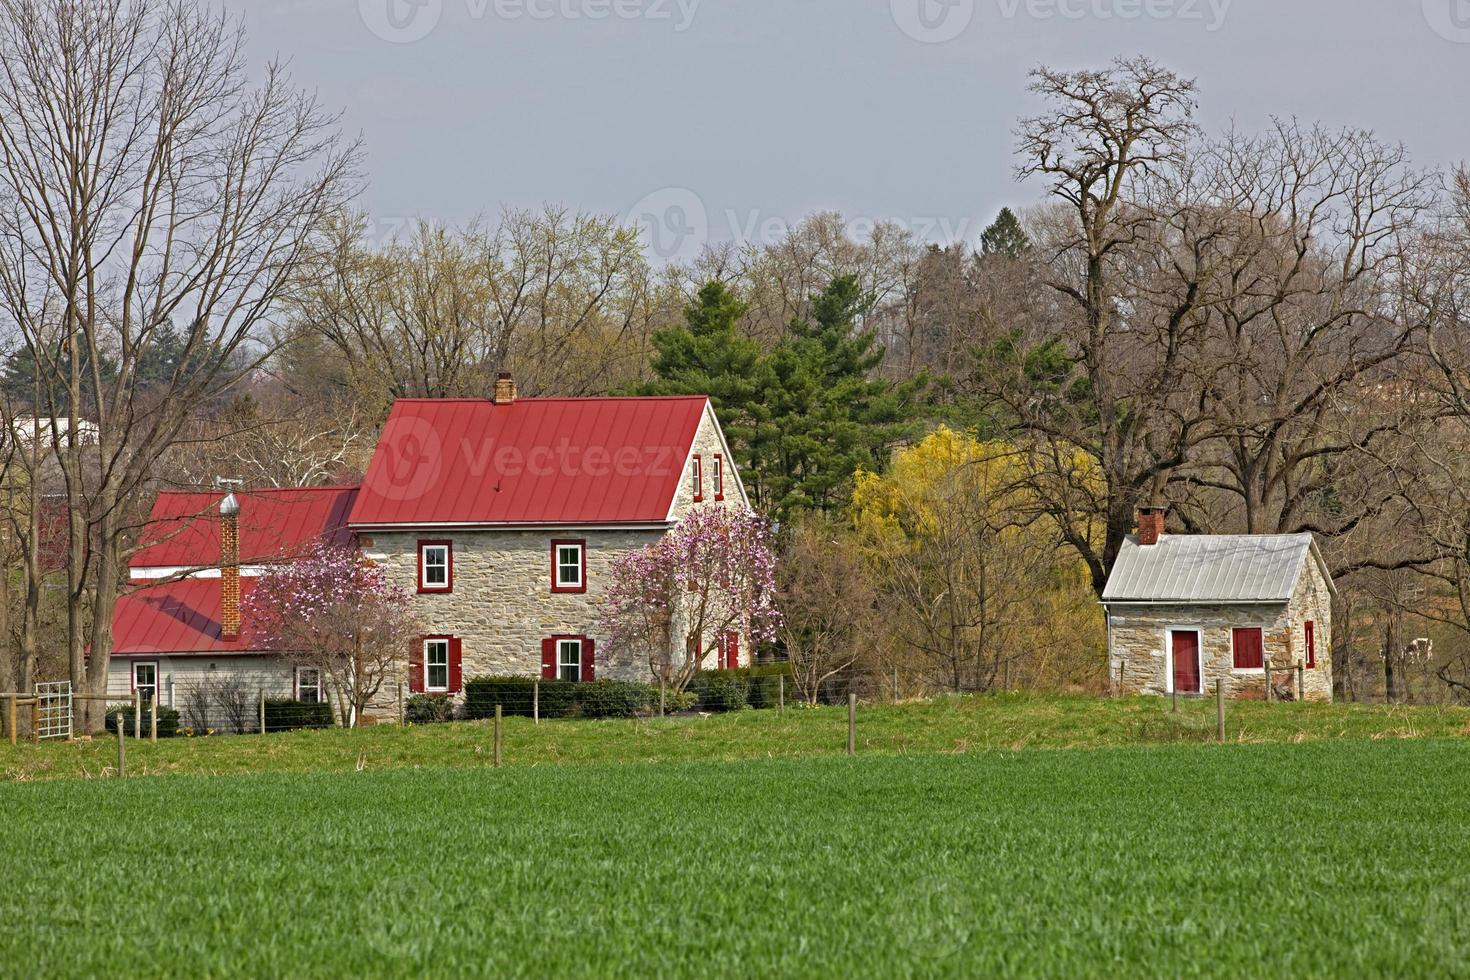 masía colonial de piedra caliza y cocina de verano primavera foto